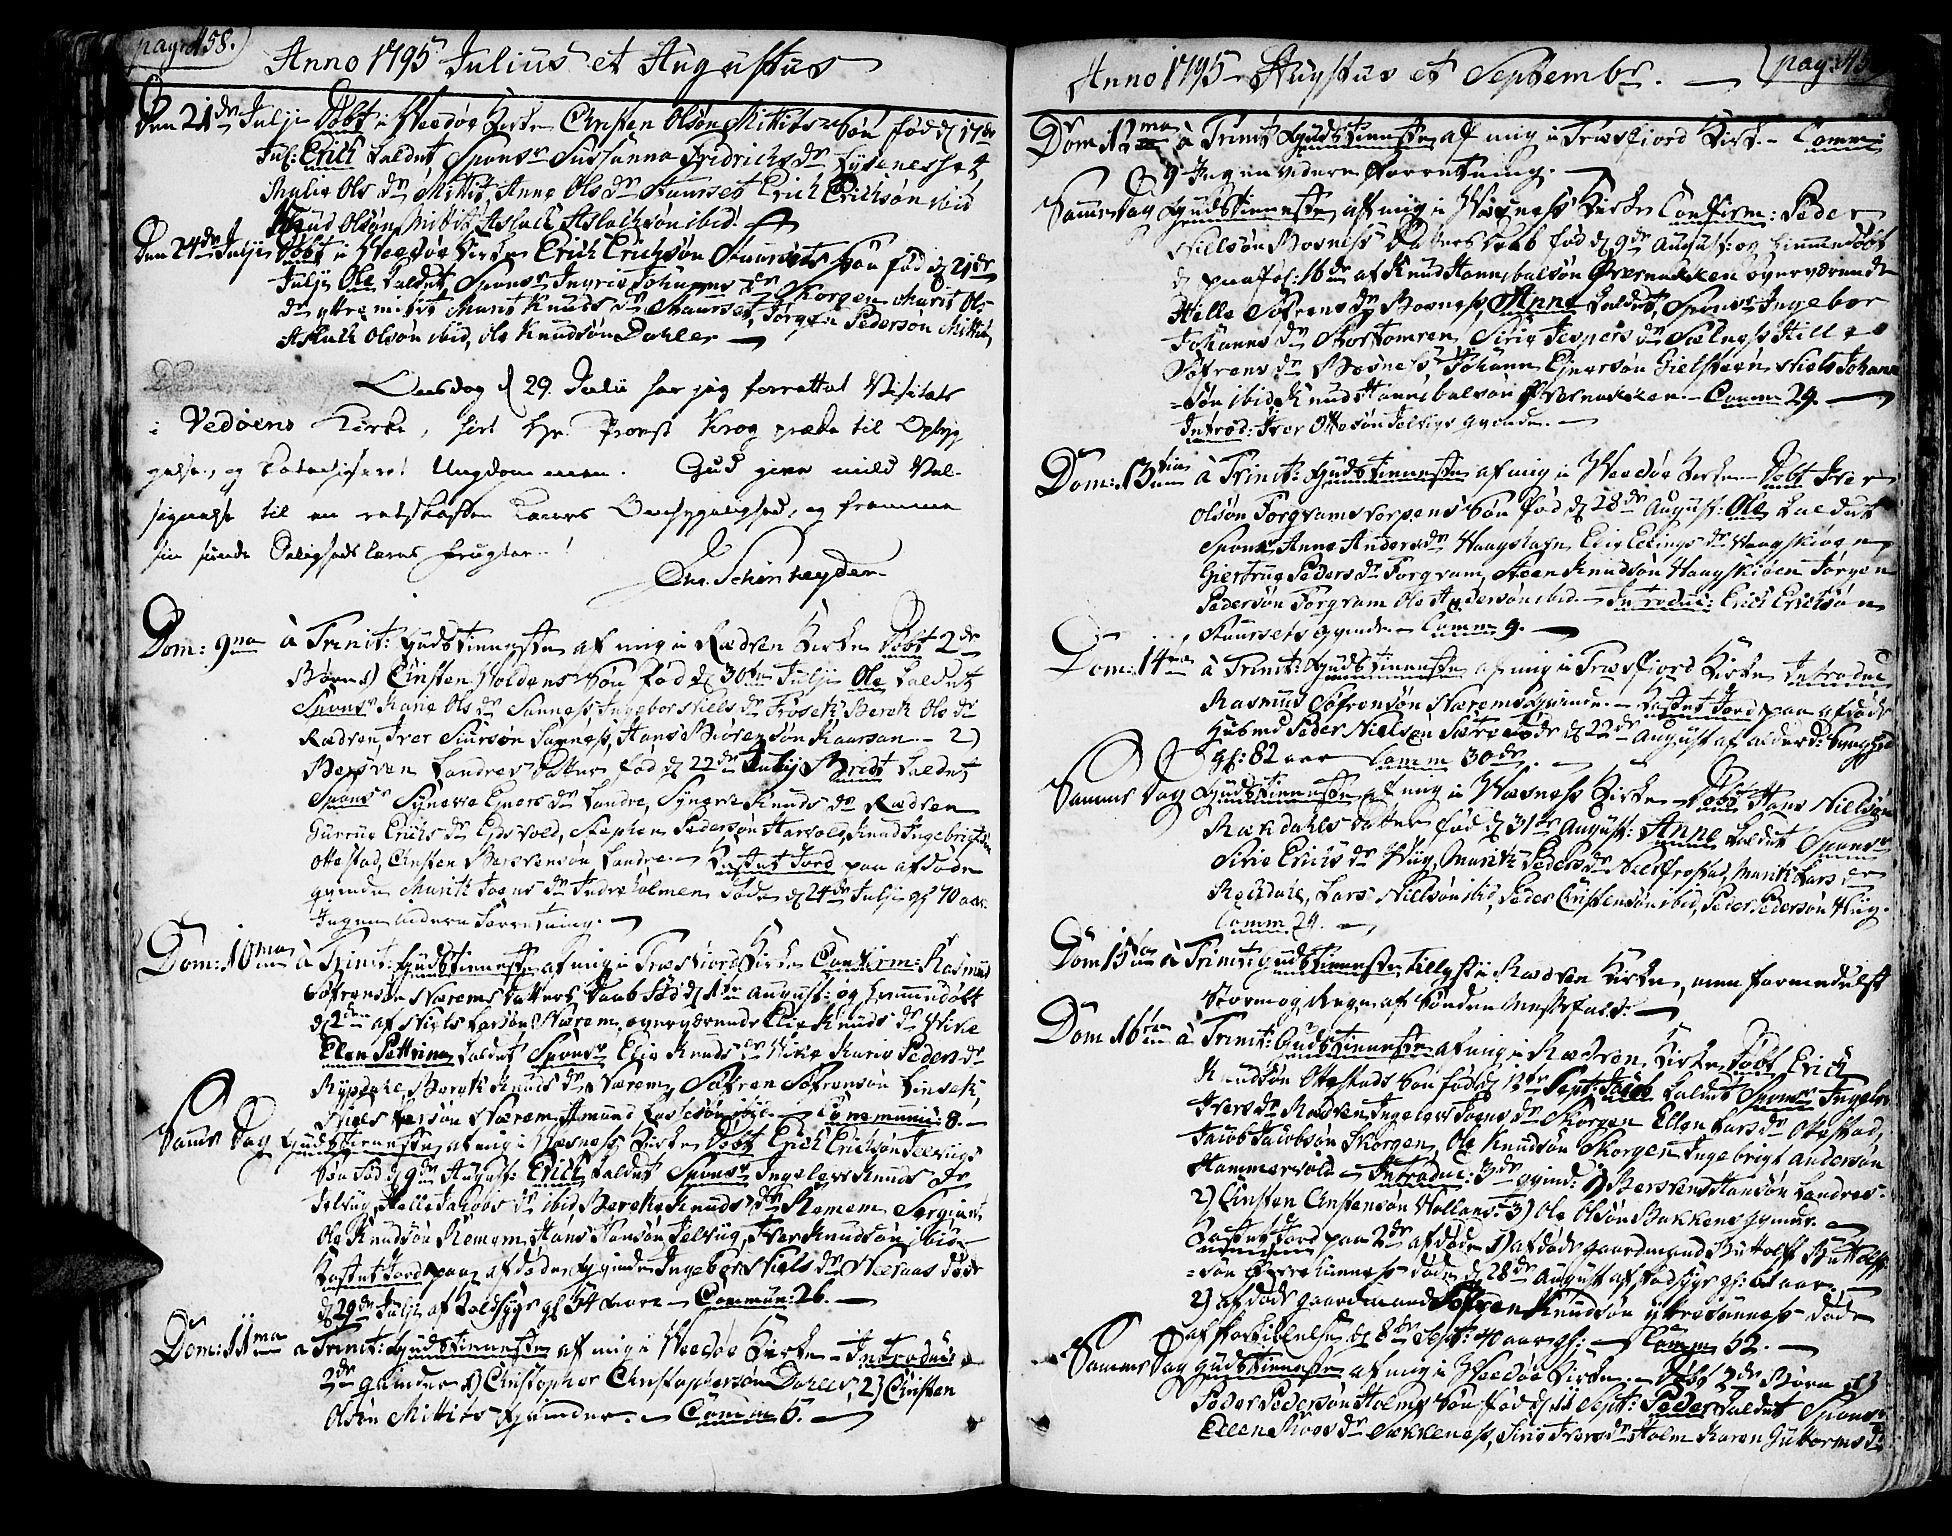 SAT, Ministerialprotokoller, klokkerbøker og fødselsregistre - Møre og Romsdal, 547/L0600: Ministerialbok nr. 547A02, 1765-1799, s. 458-459